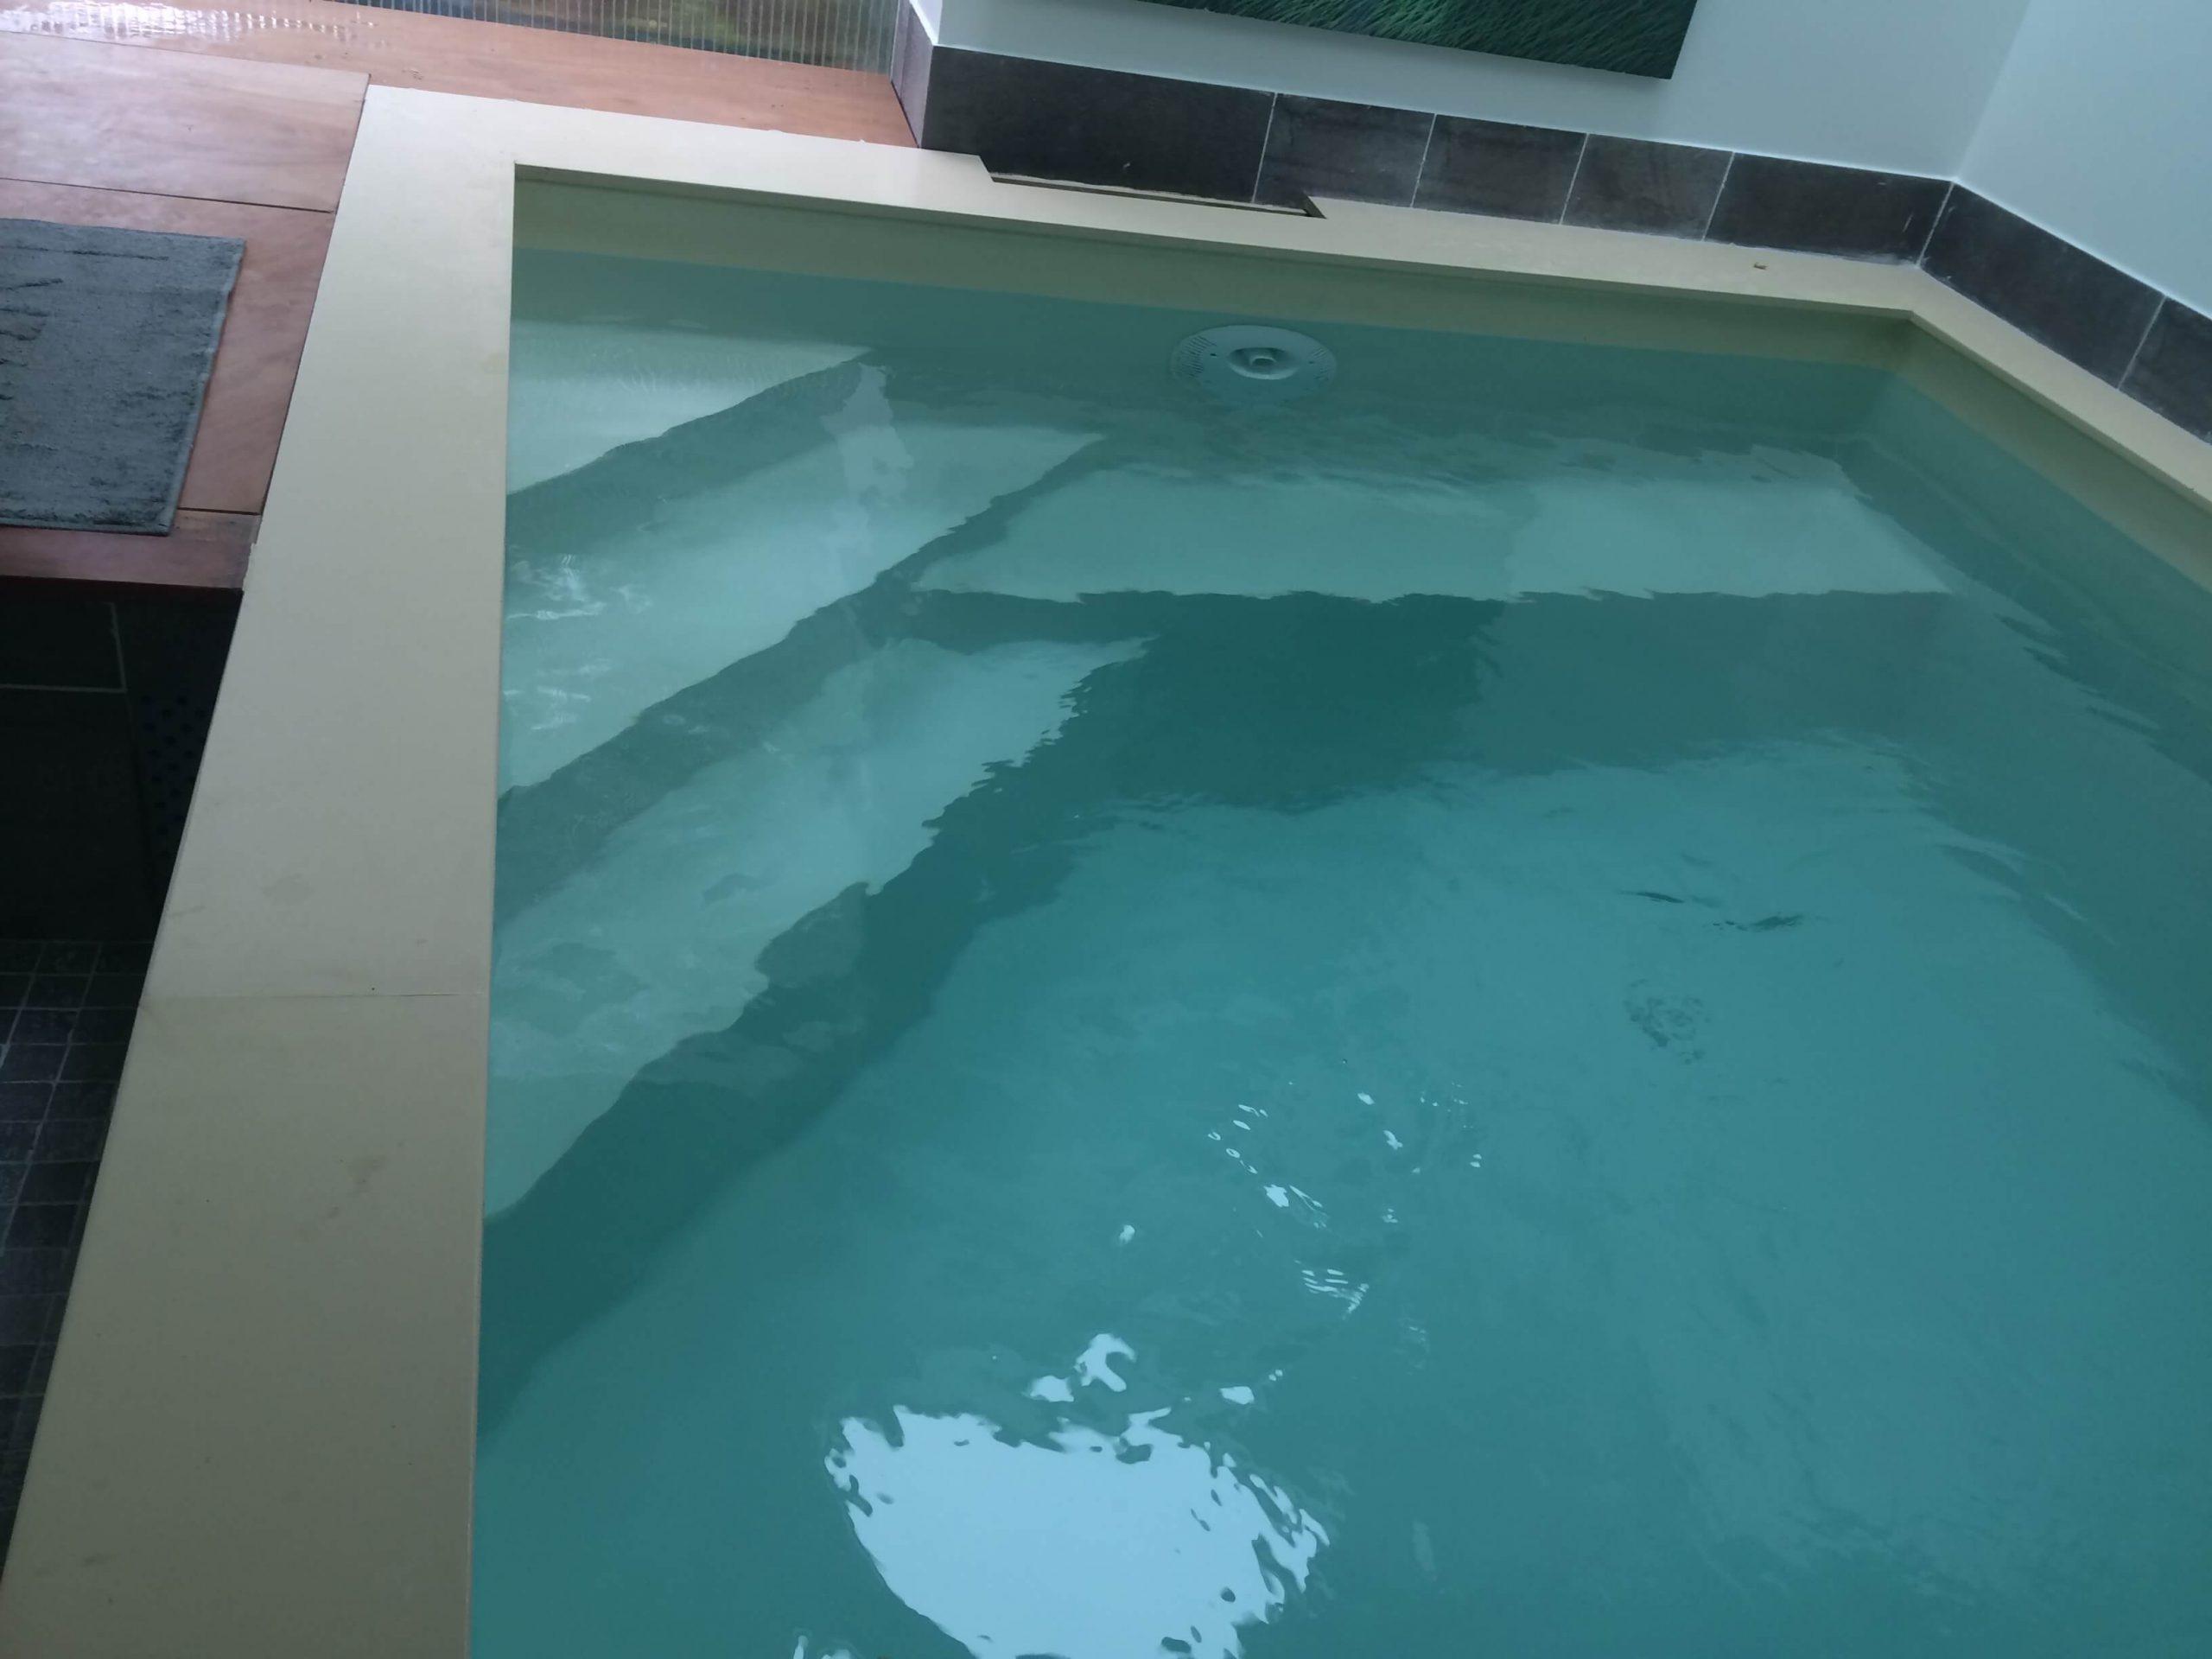 Bassin-Interieur-Piscine-Aquacristal (3) intérieur Piscine Irrijardin